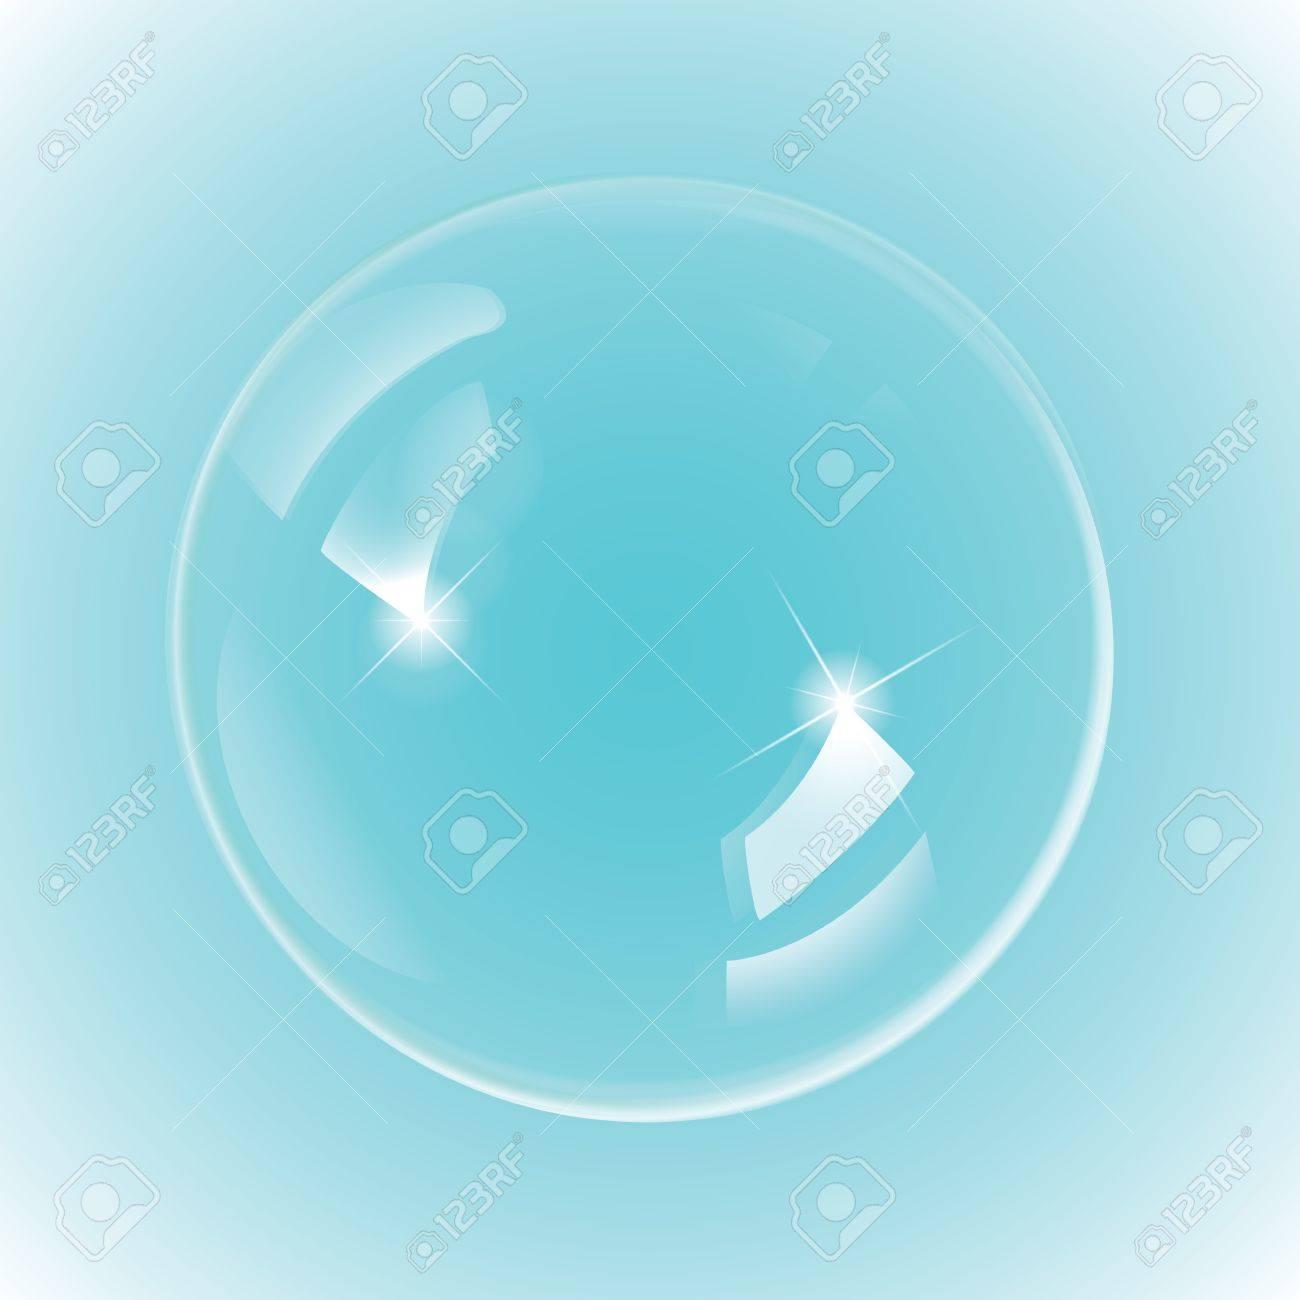 Background image 300 dpi - White Bubble On Blue Background 300 Dpi Jpg Illustrator Cs Eps10 Svg